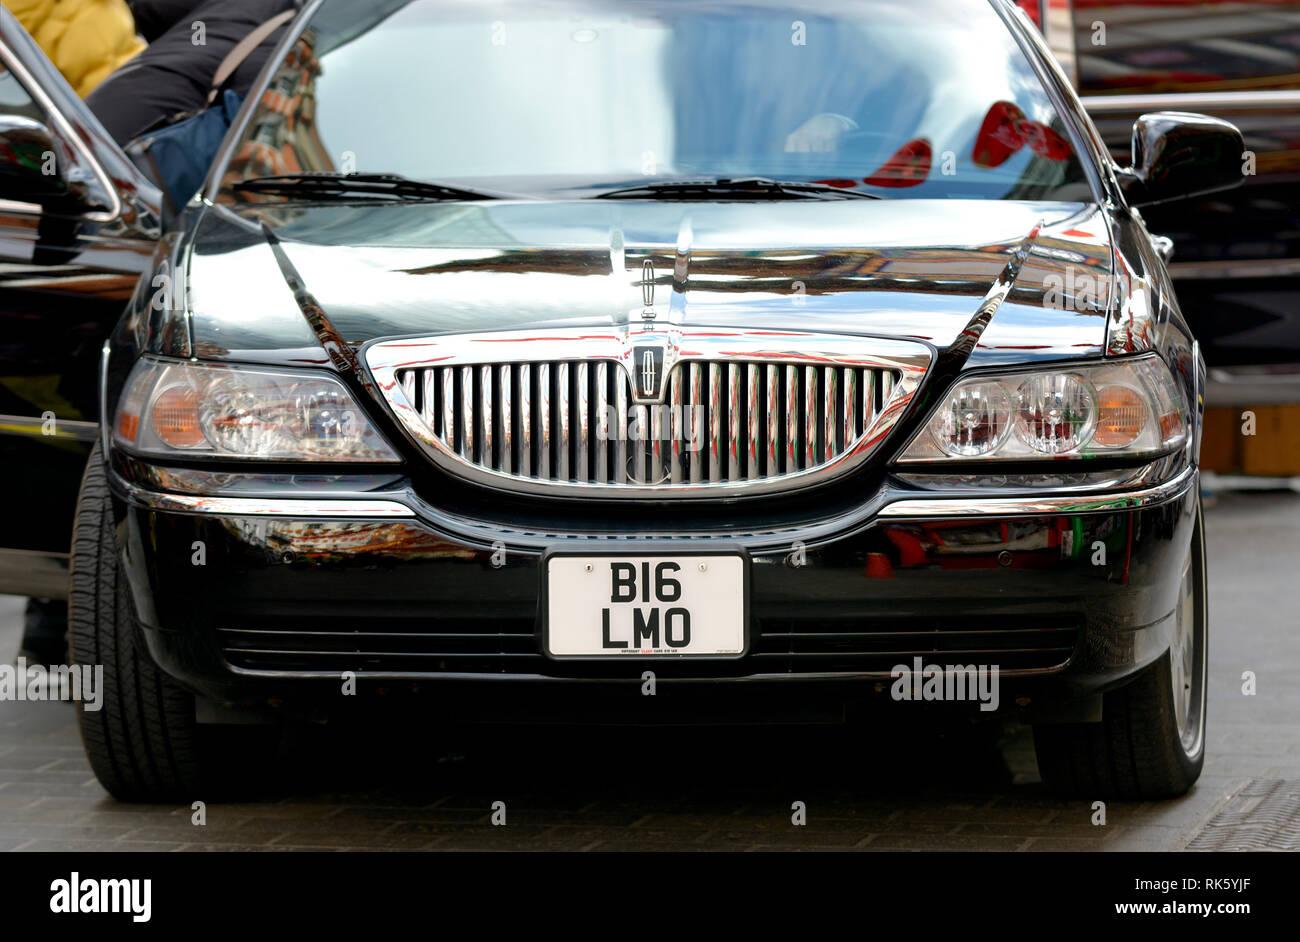 Londres, Angleterre, Royaume-Uni. Lincoln stretch limousine avec la plaque numéro BI6 LMO (Big Limo, presque) Banque D'Images